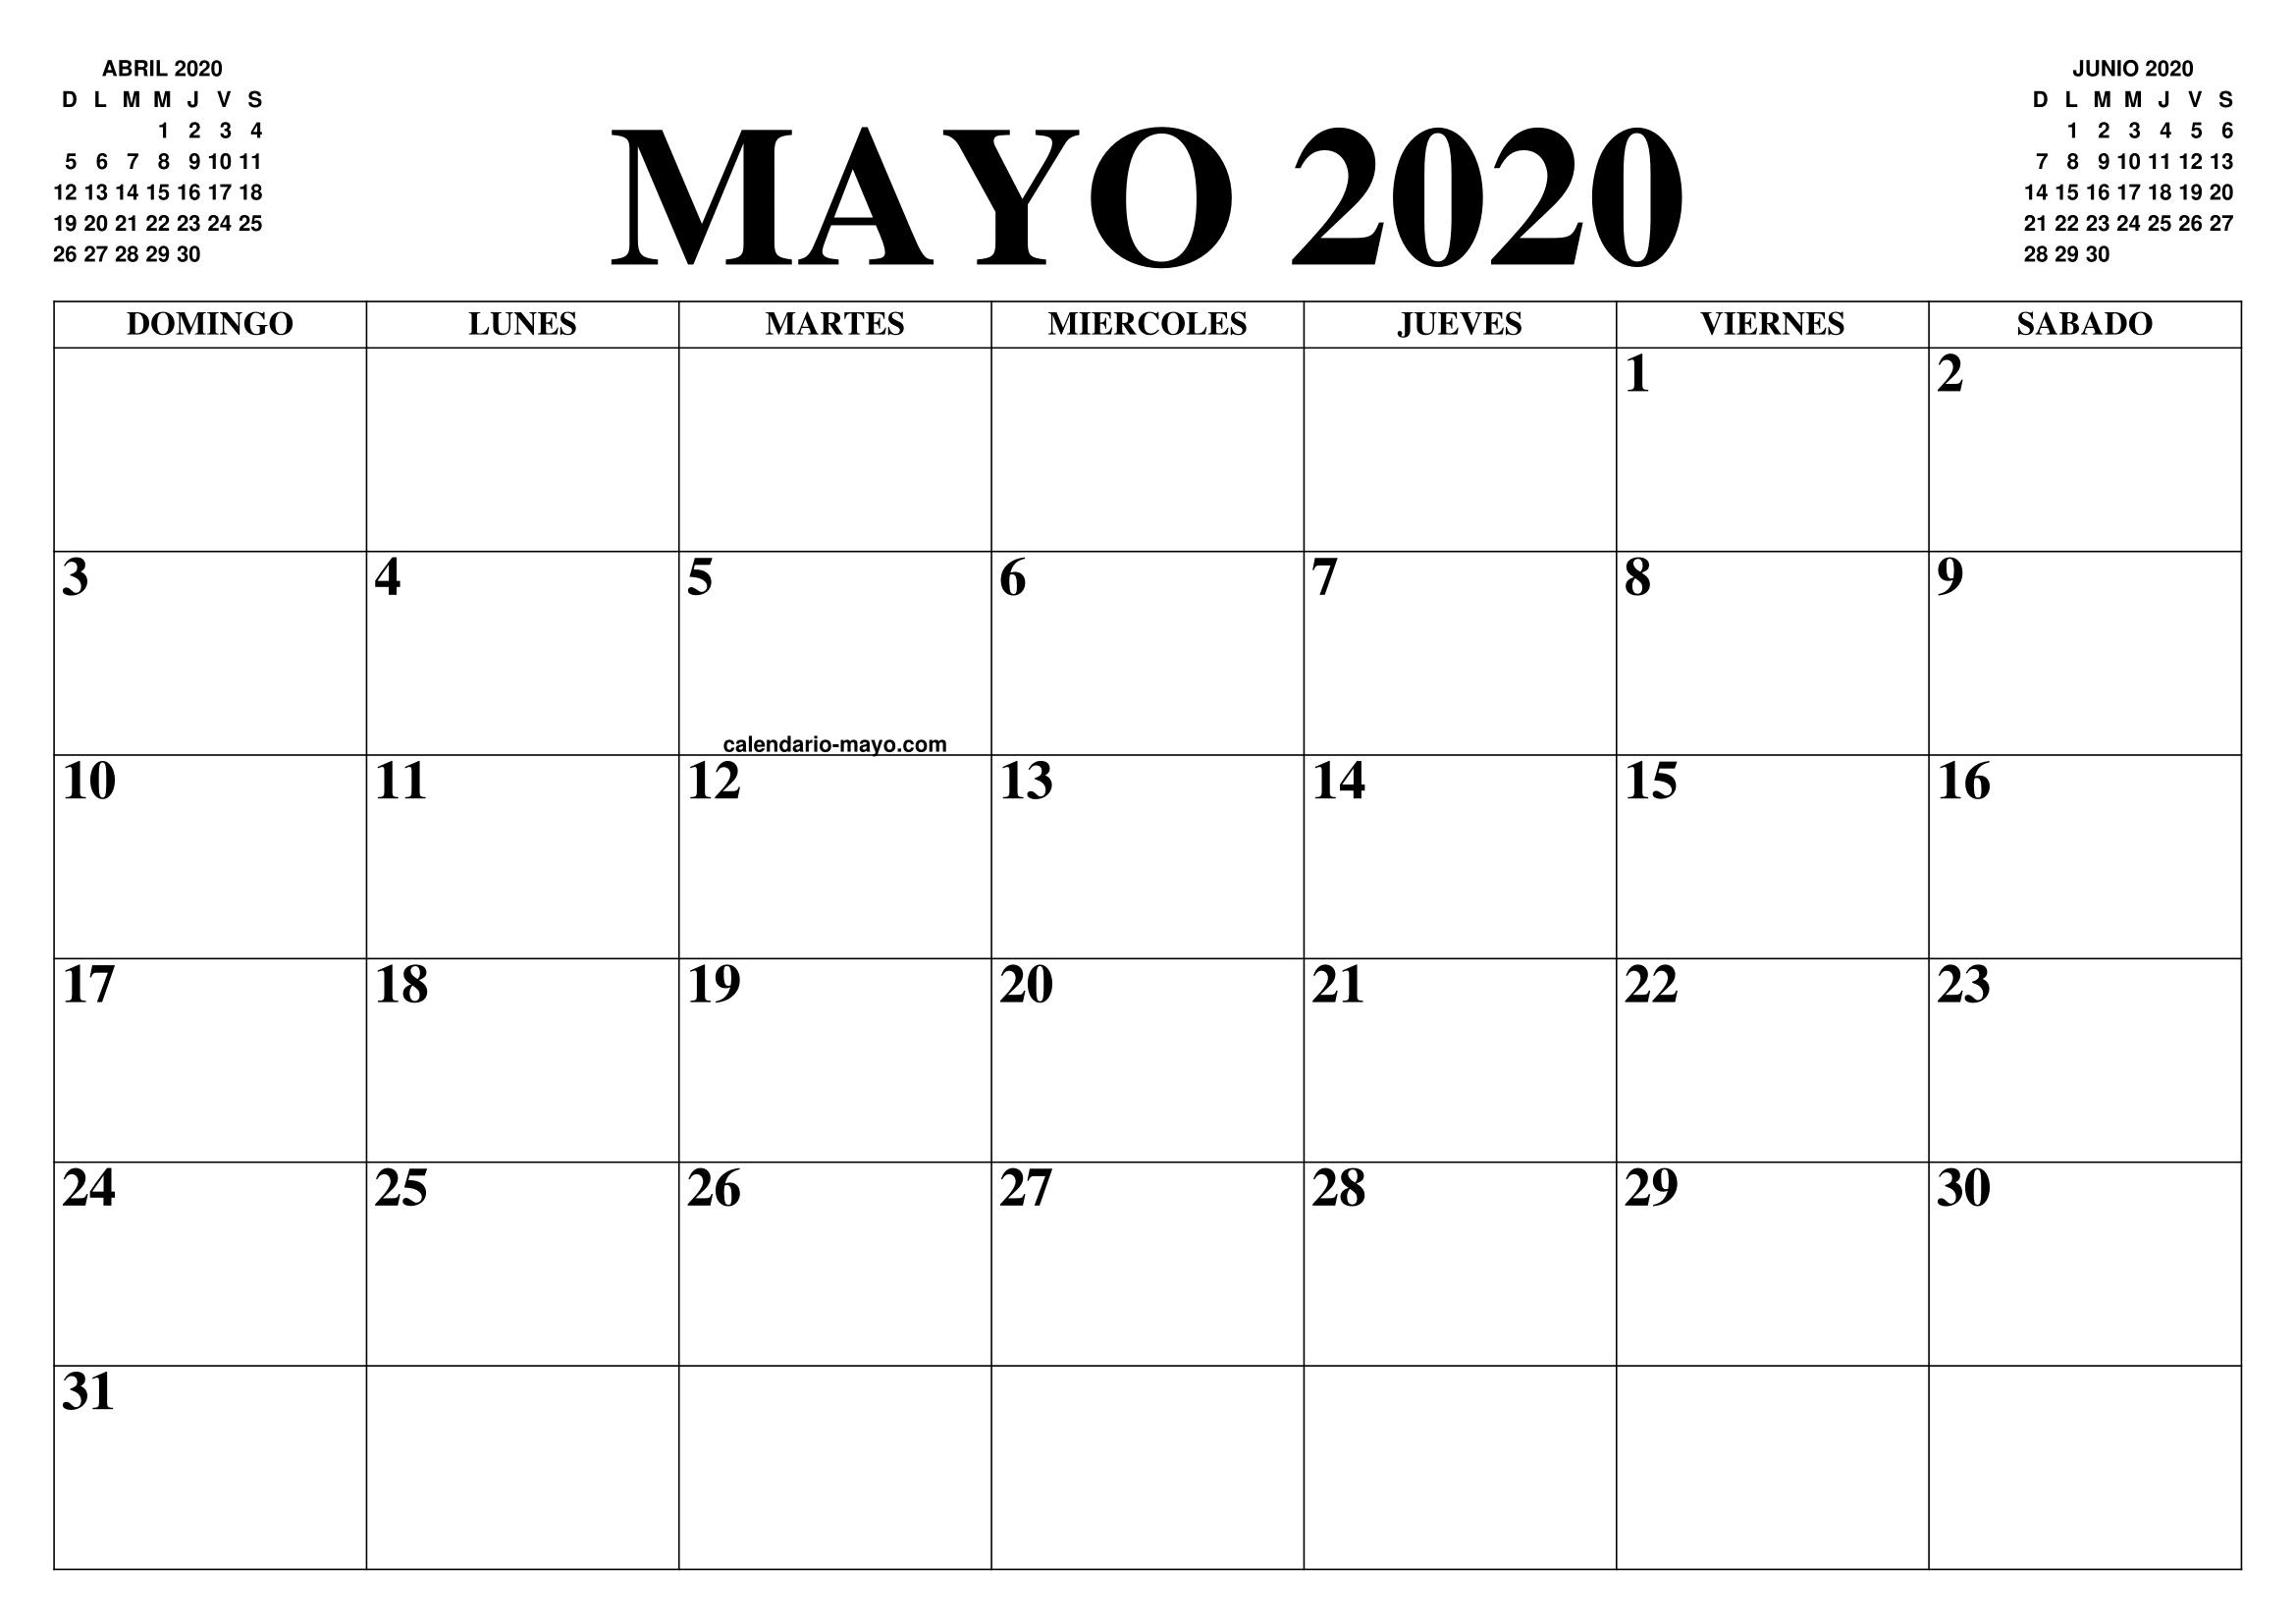 Calendario Junio 2020 Pdf.Calendario Mayo 2020 El Calendario Mayo Para Imprimir Gratis Mes